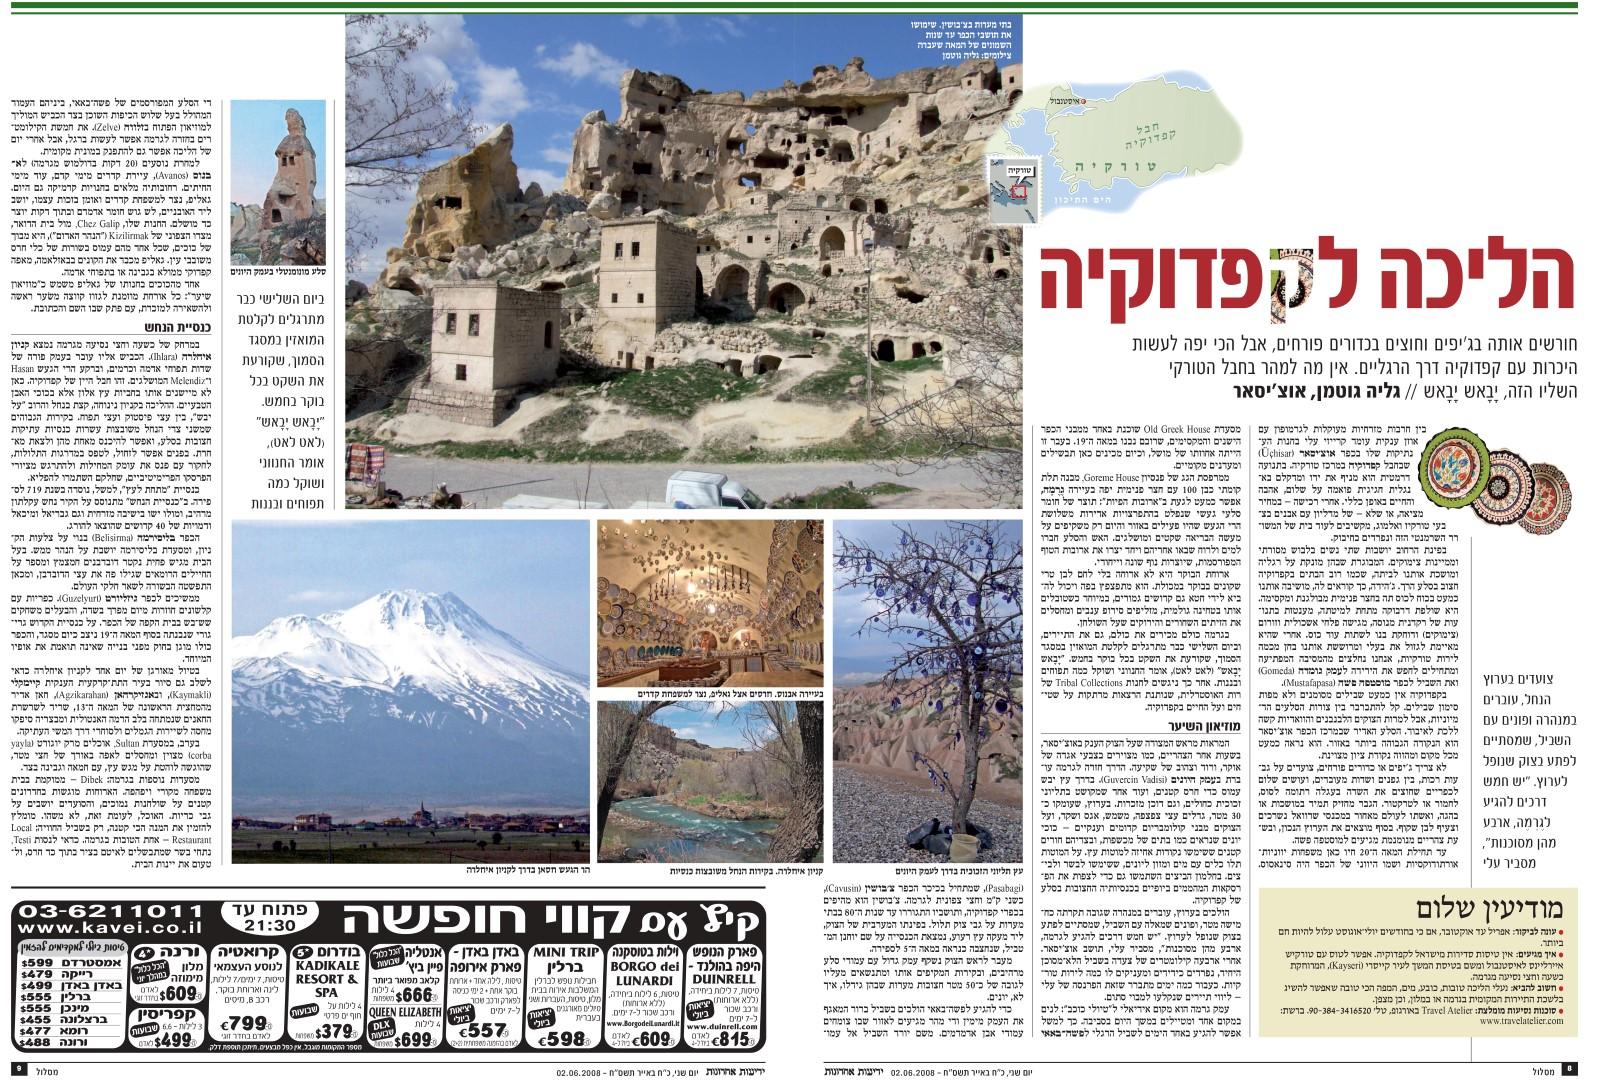 הליכה-לקפדוקיה-חופש-ynet-cappadocia